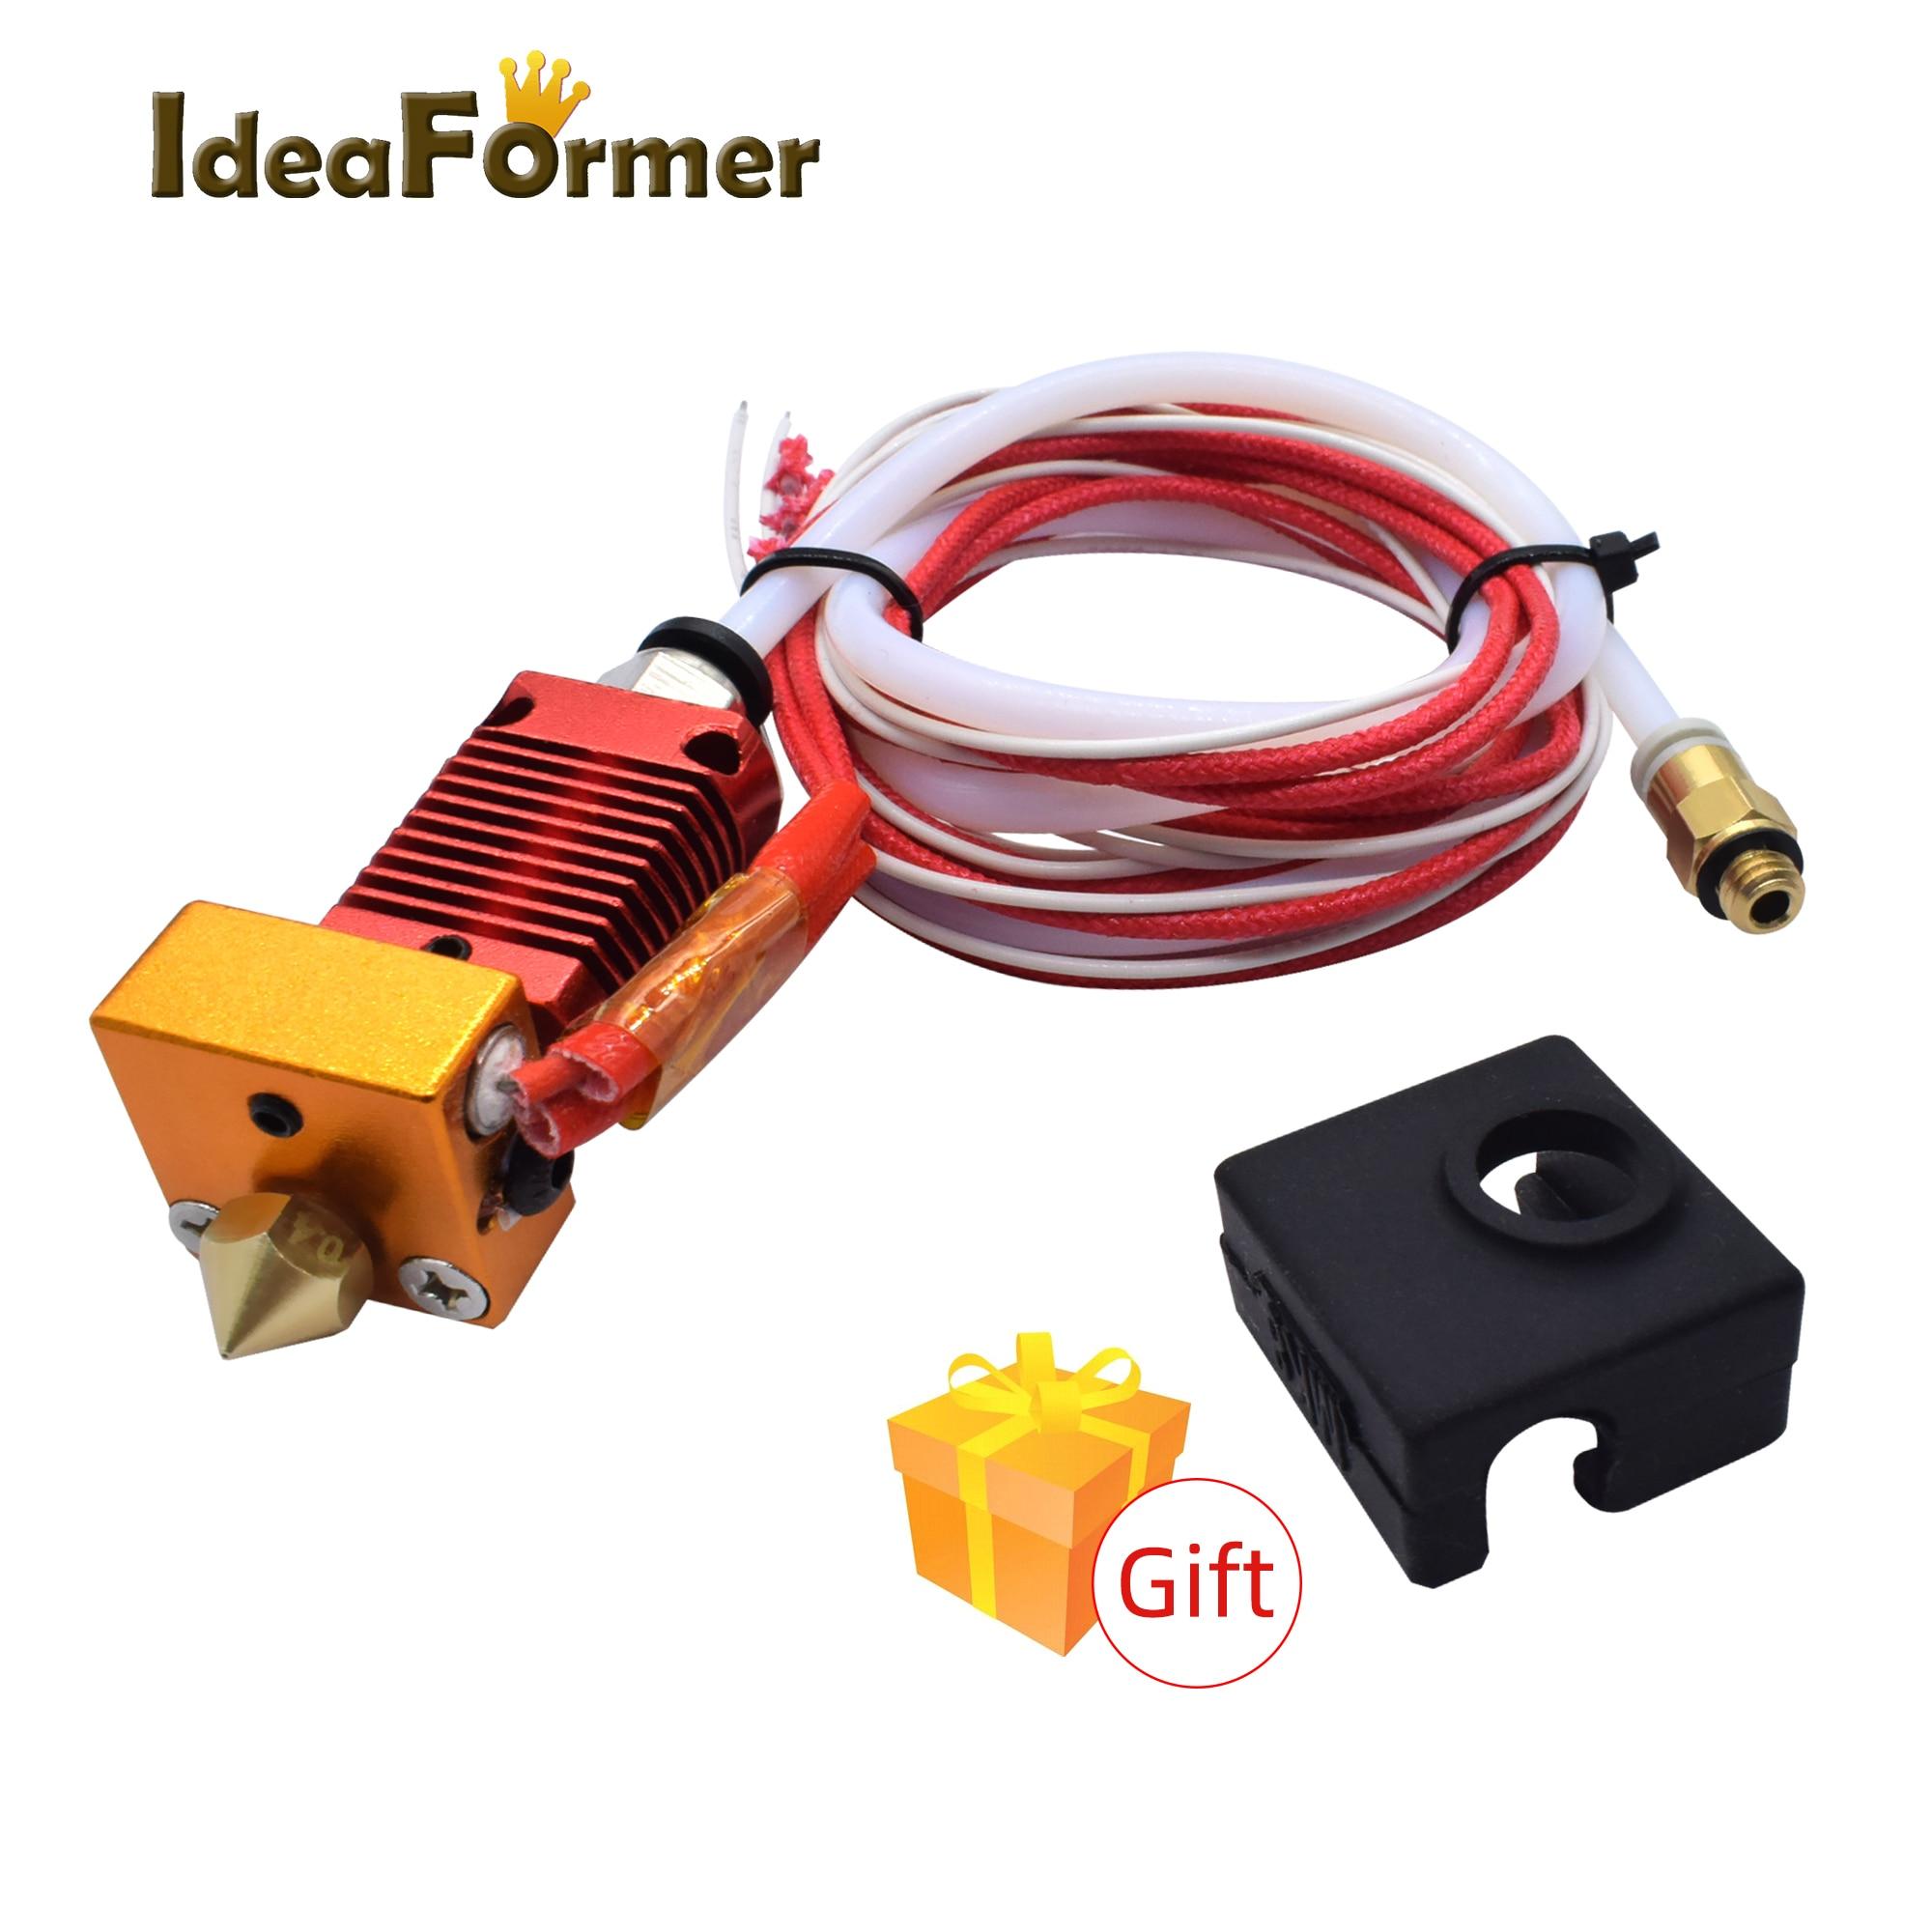 1 ensemble de pièces d'imprimante 3D CR10 Hotend kit d'extrudeuse 12 V/24 V pour Ender-3 imprimante CR10 1.75mm 0.4mm buse en aluminium pièces de bloc chauffées